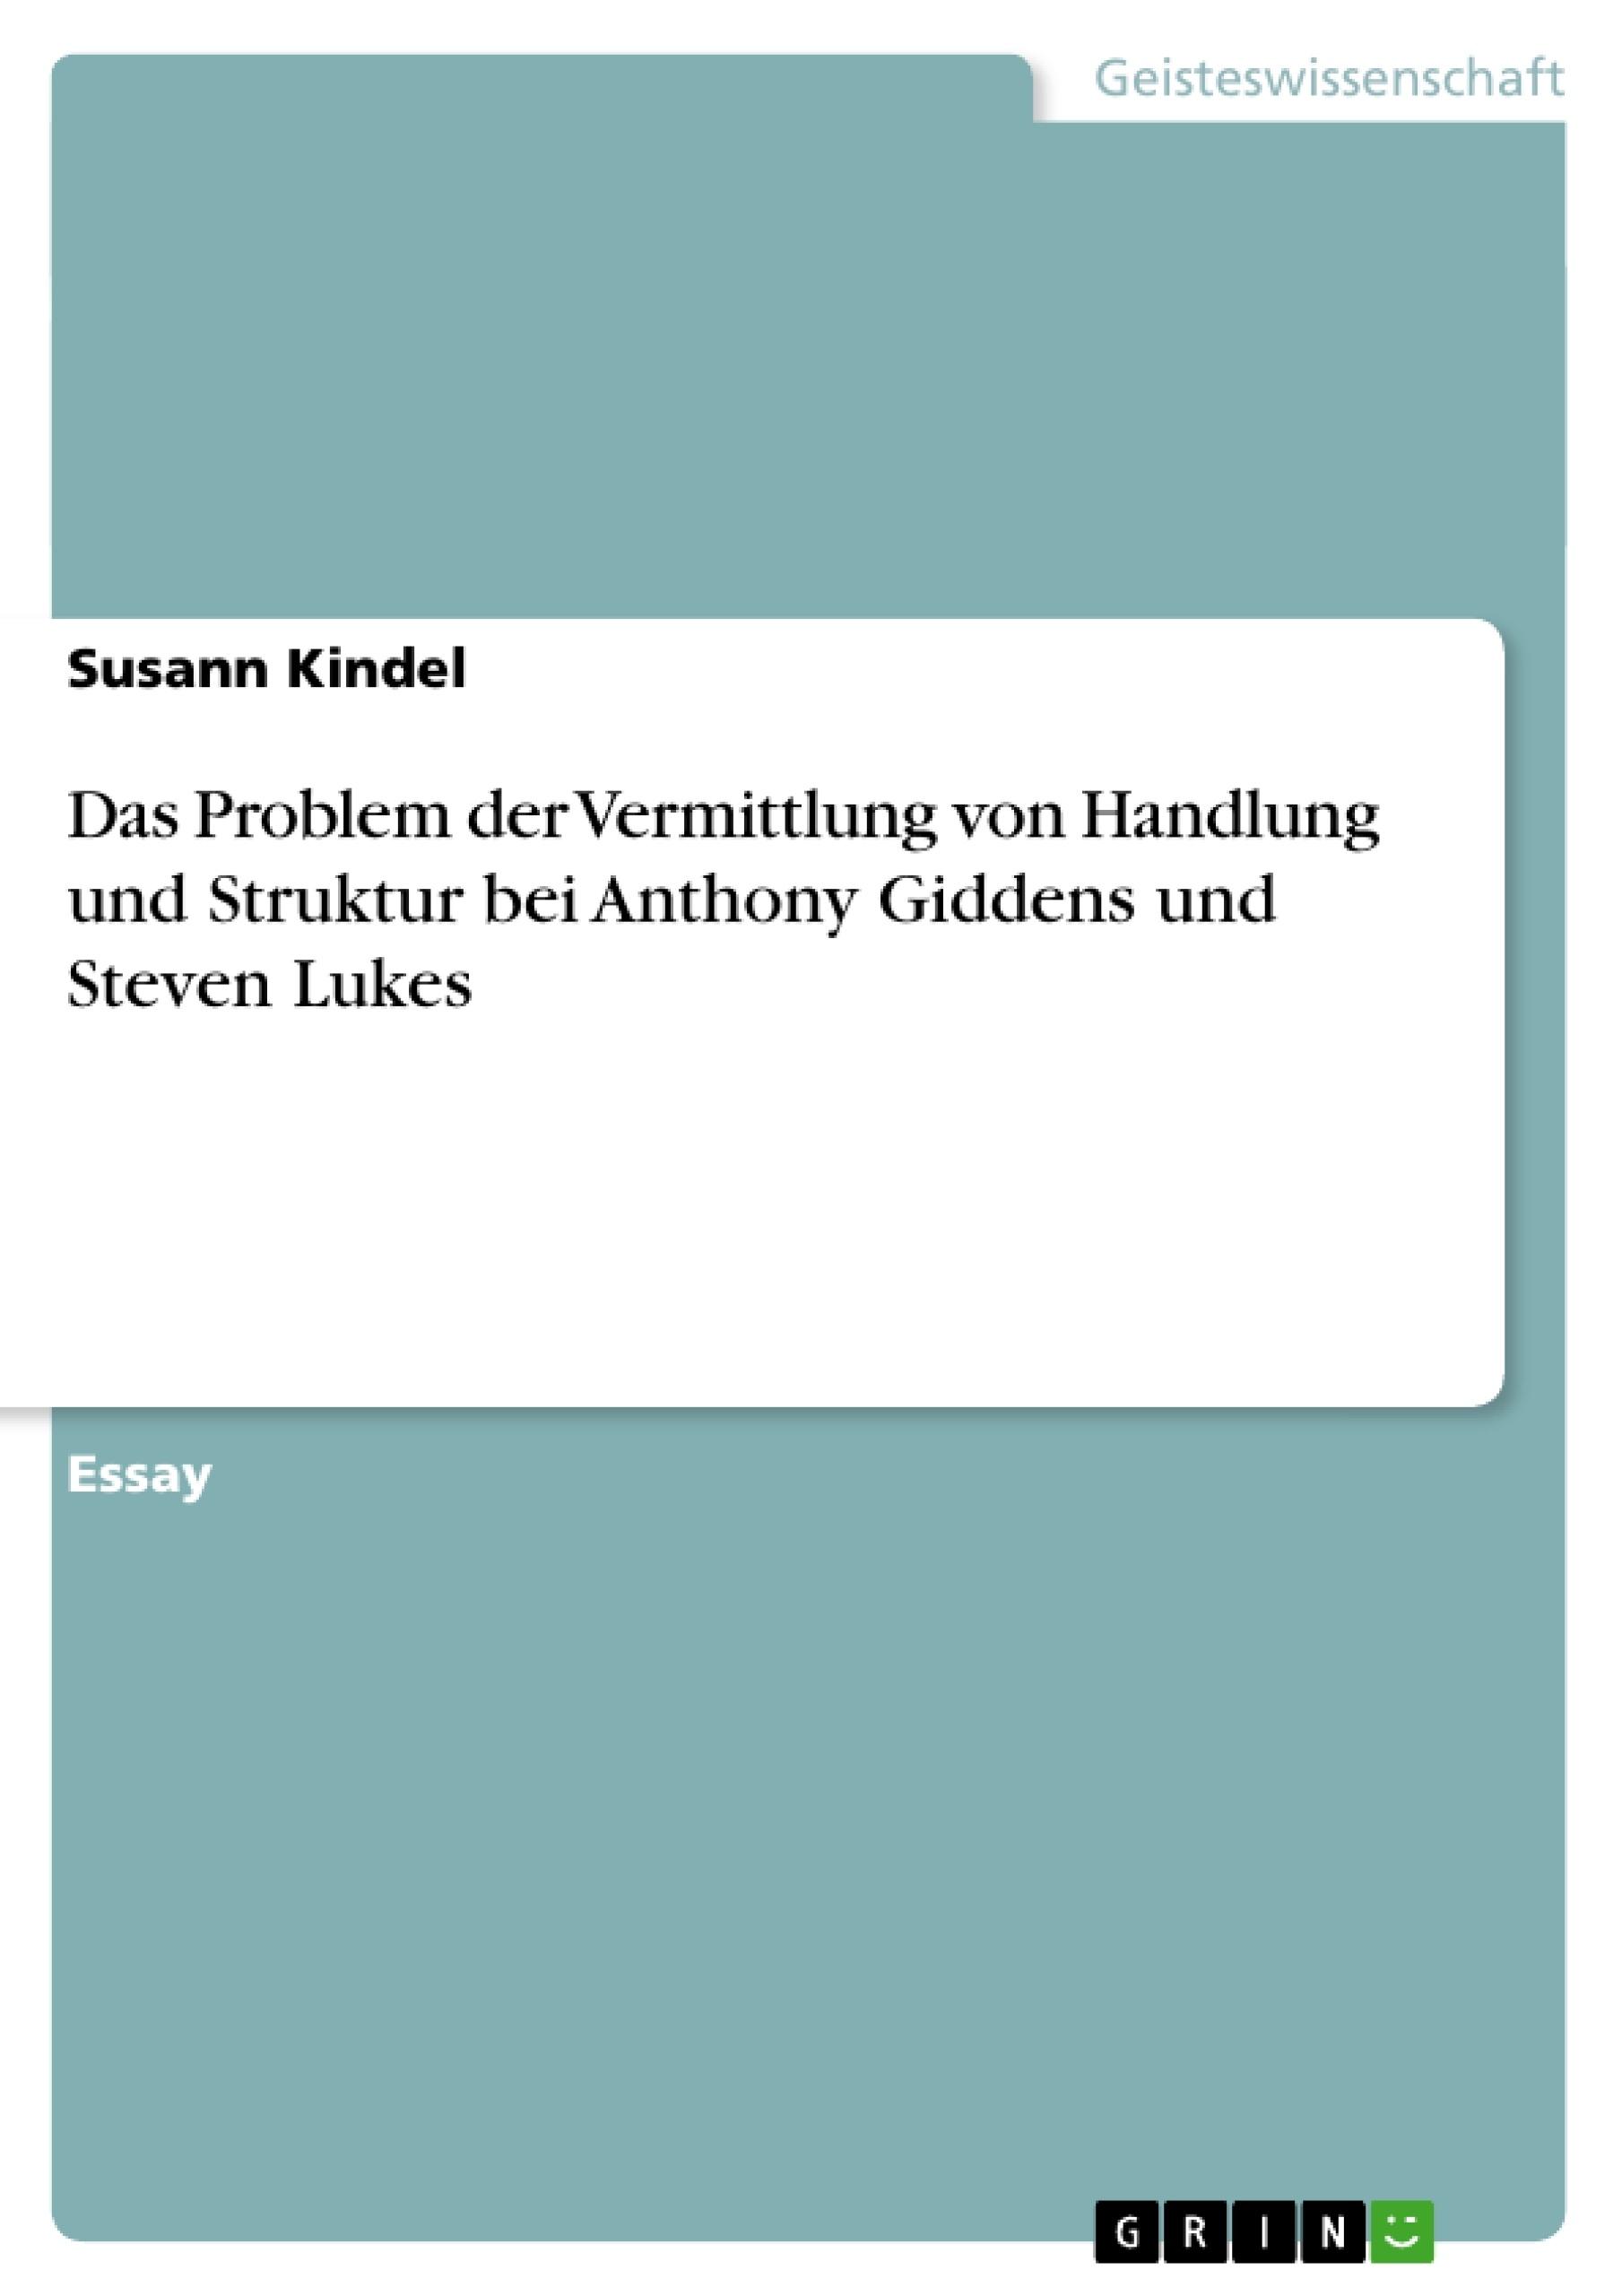 Titel: Das Problem der Vermittlung von Handlung und Struktur bei Anthony Giddens und Steven Lukes